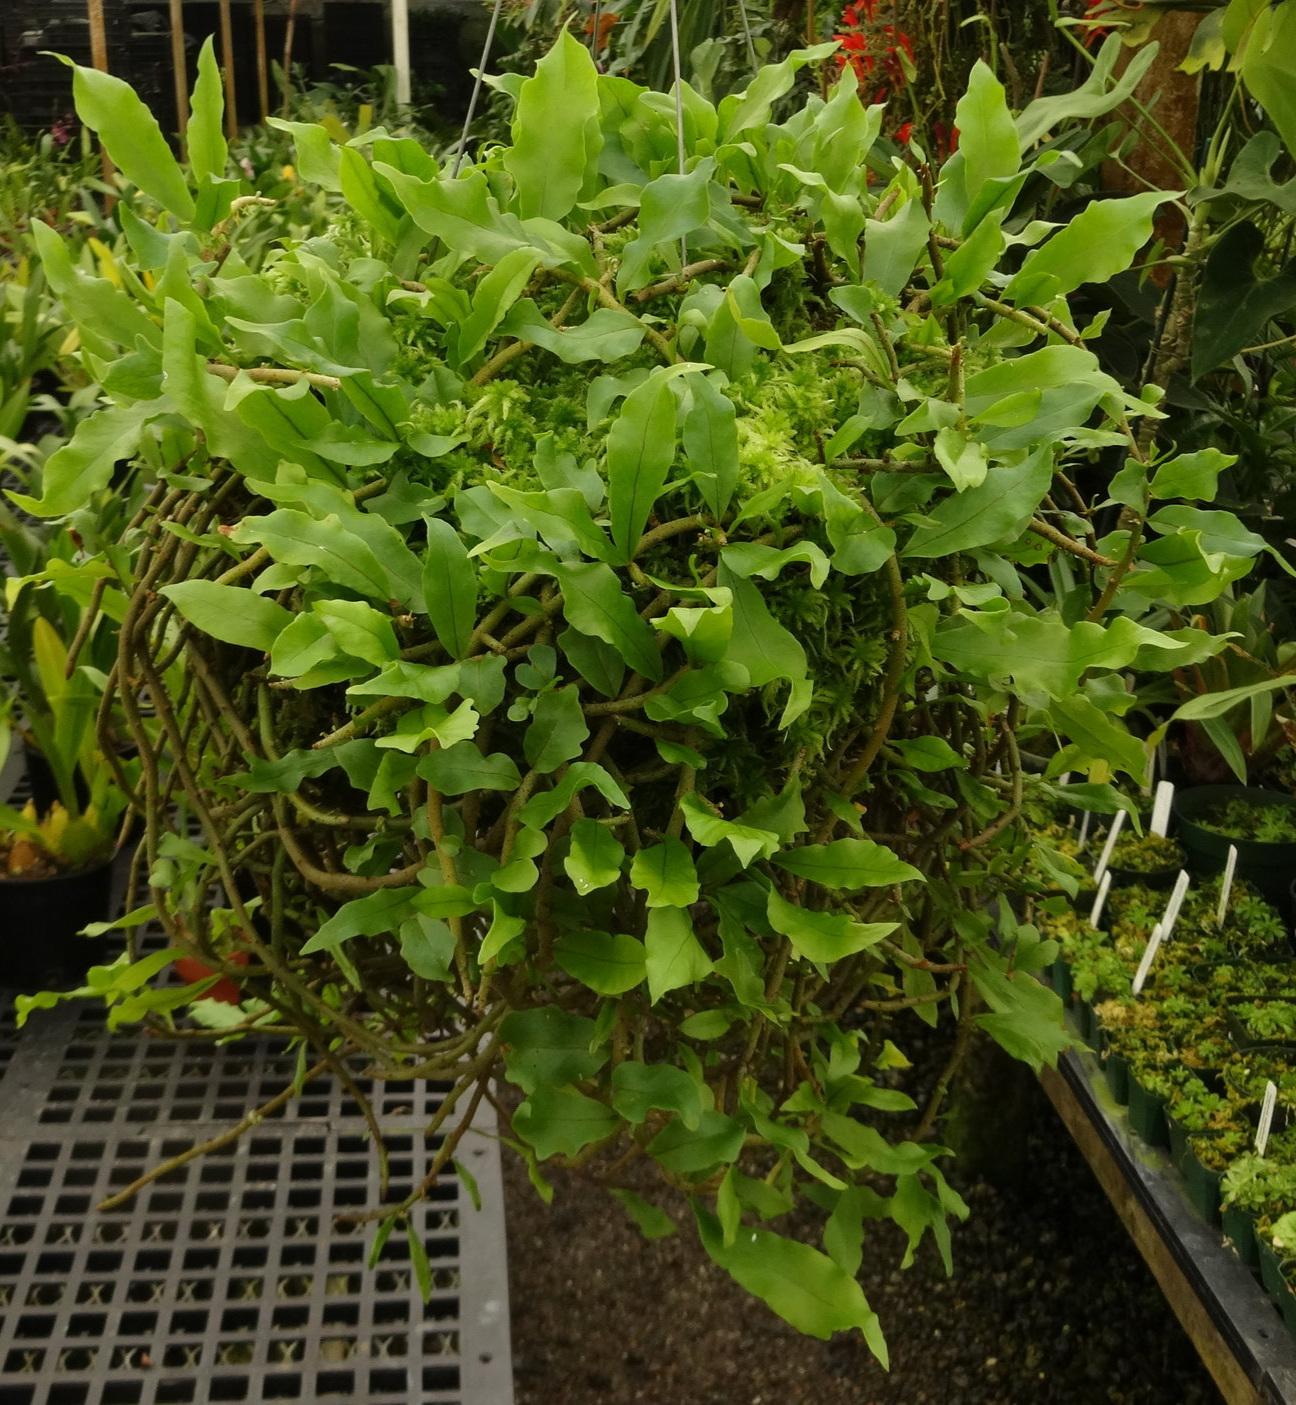 A mature specimen of  Microgramma bismarckii  cultivated in a cool California greenhouse.